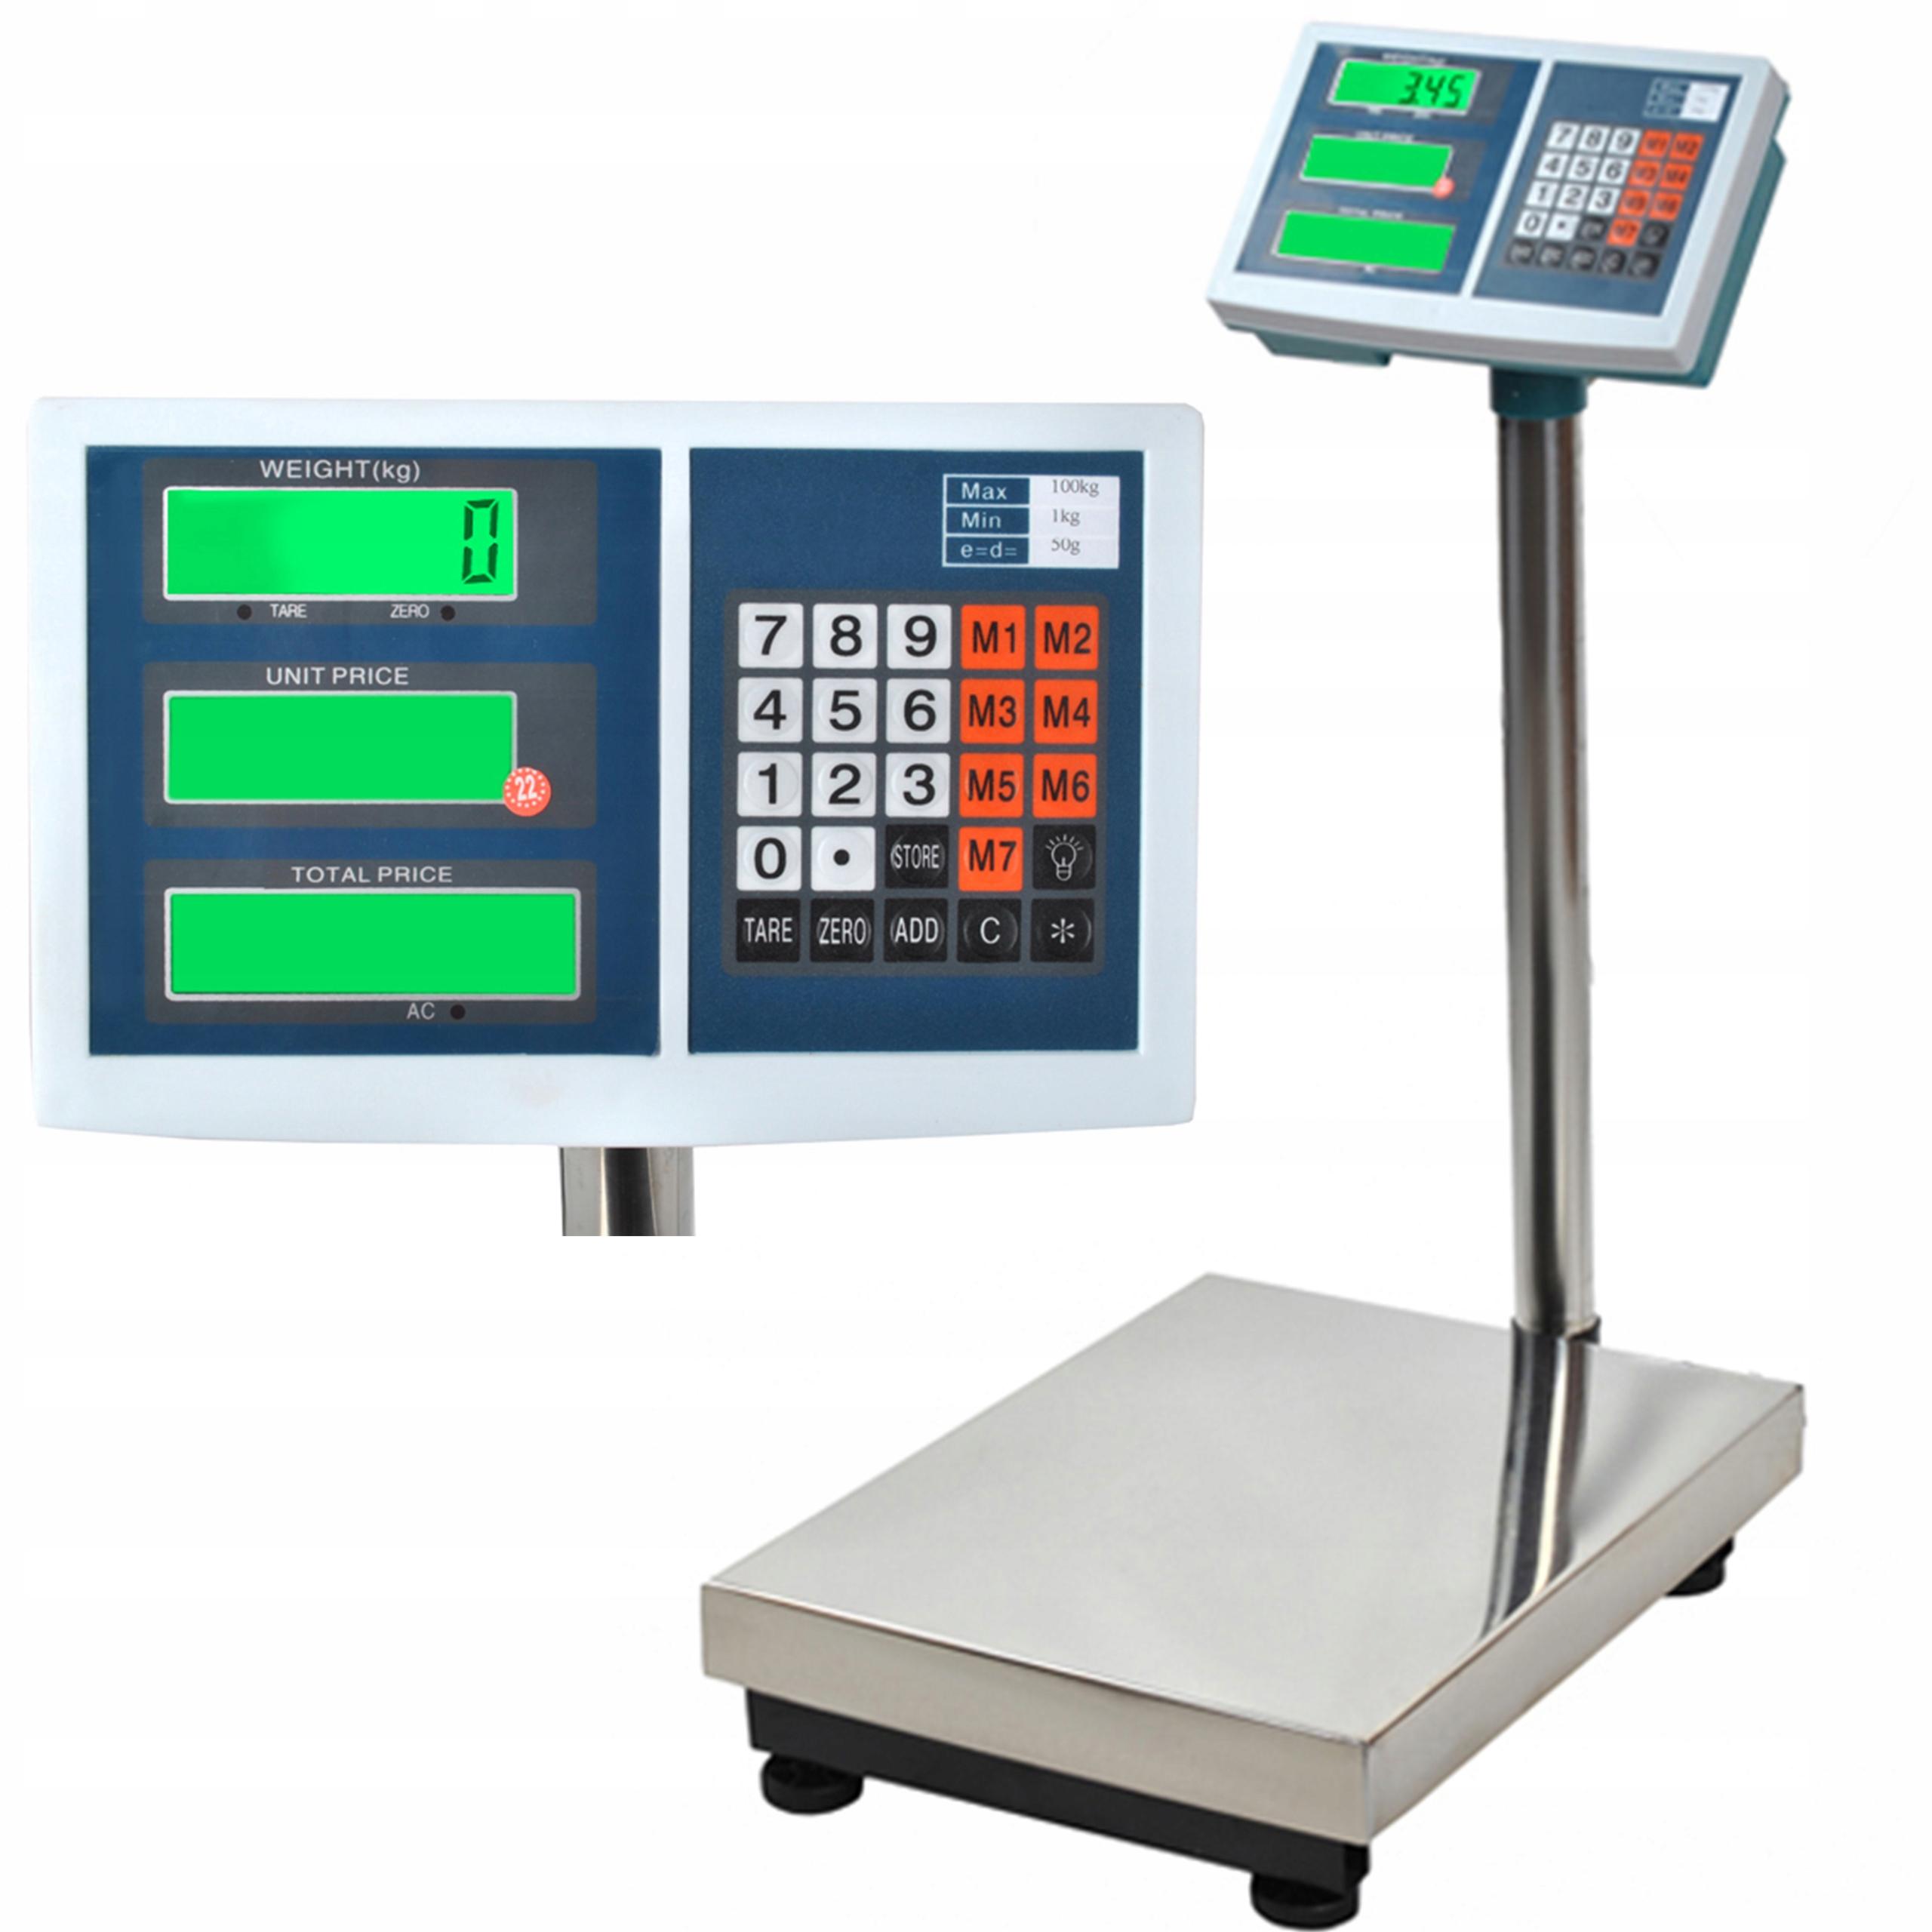 Магазин электронных весов 100 кг ЖК-дисплей